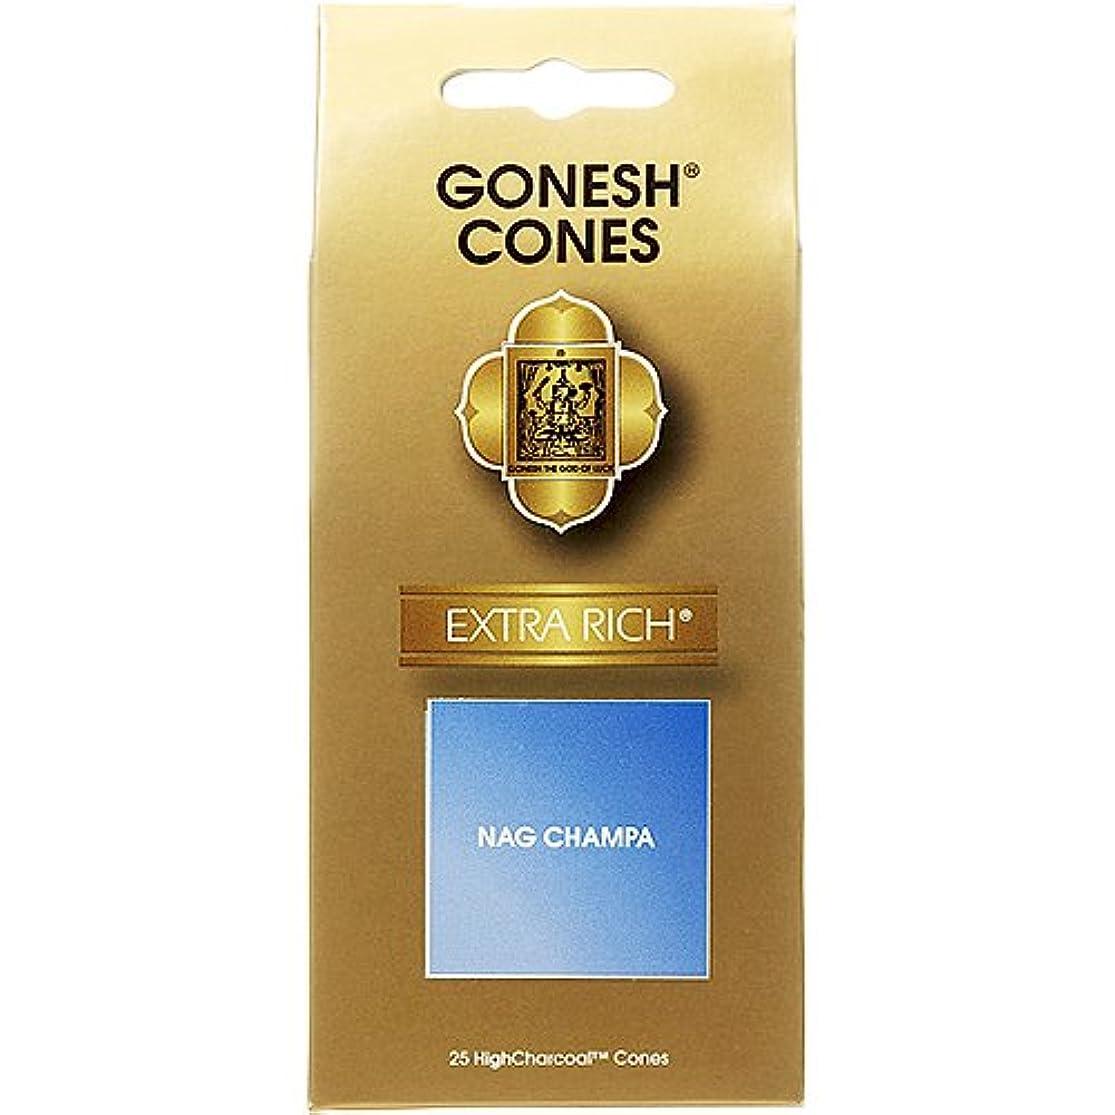 プロトタイプ手のひら許されるガーネッシュ(GONESH) エクストラリッチ インセンス コーン ナグチャンパ 25ヶ入